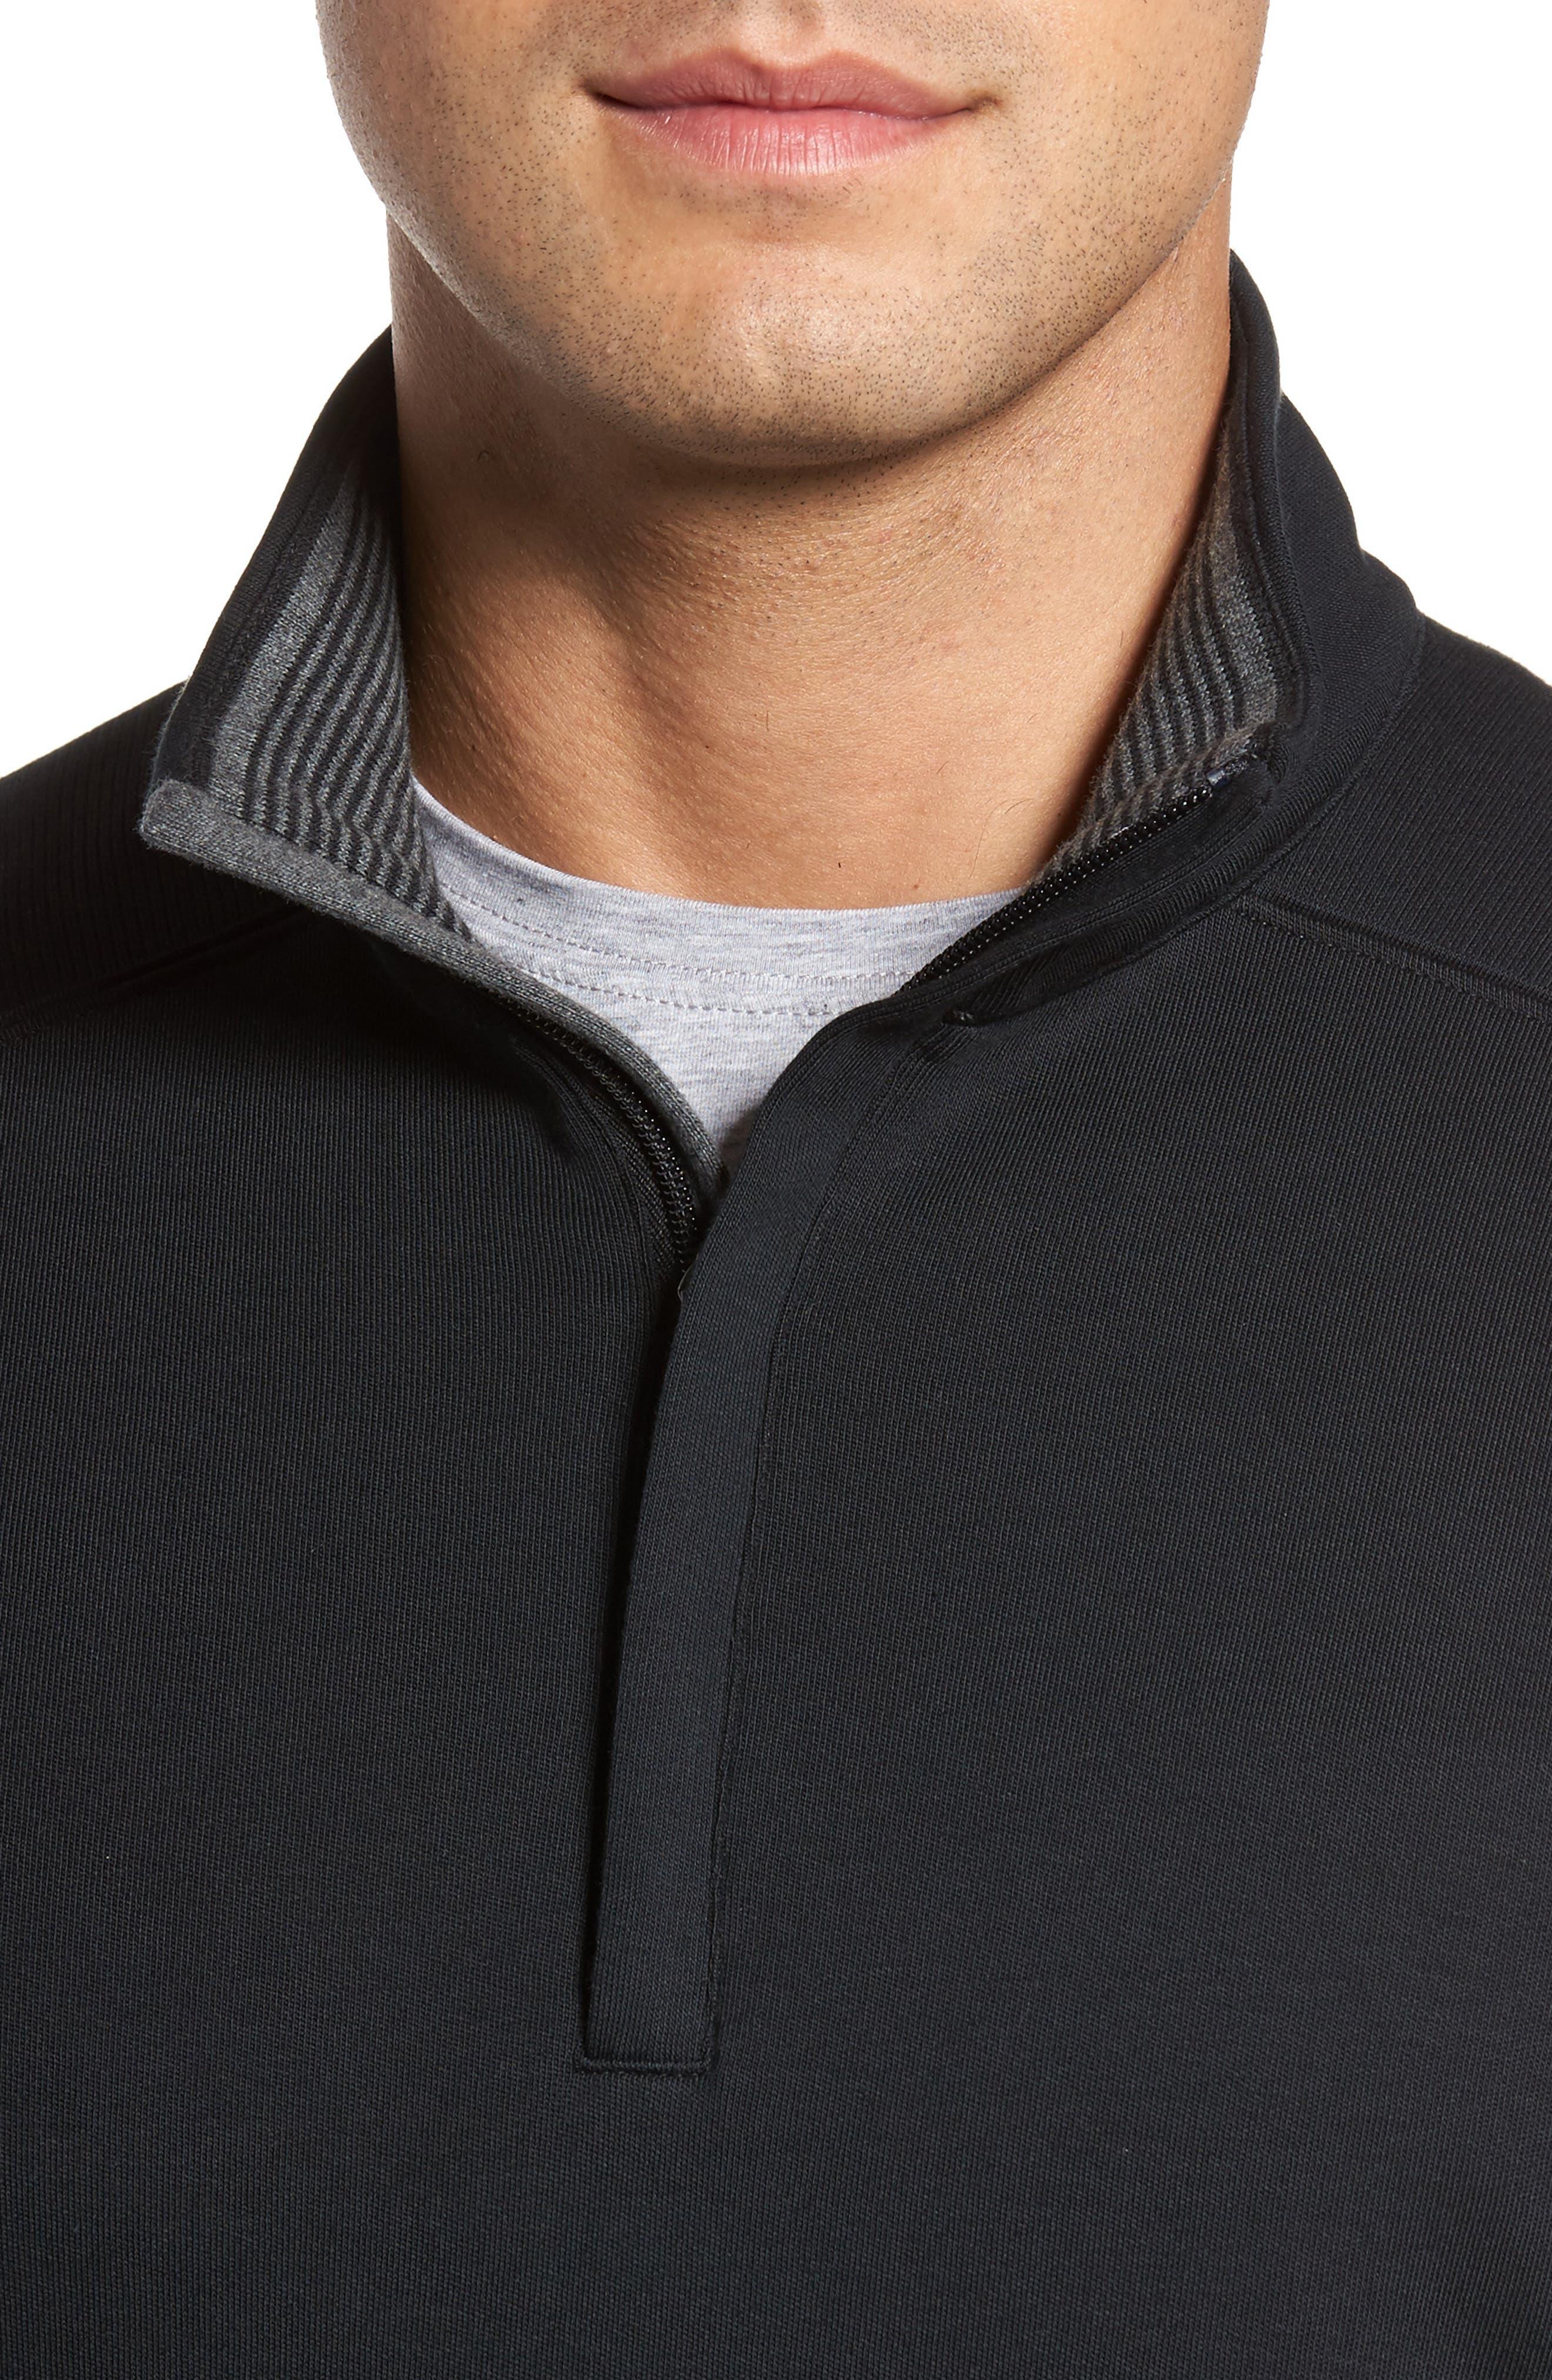 BOBBY JONES, 'New Leaderboard' Quarter Zip Pullover, Alternate thumbnail 4, color, BLACK